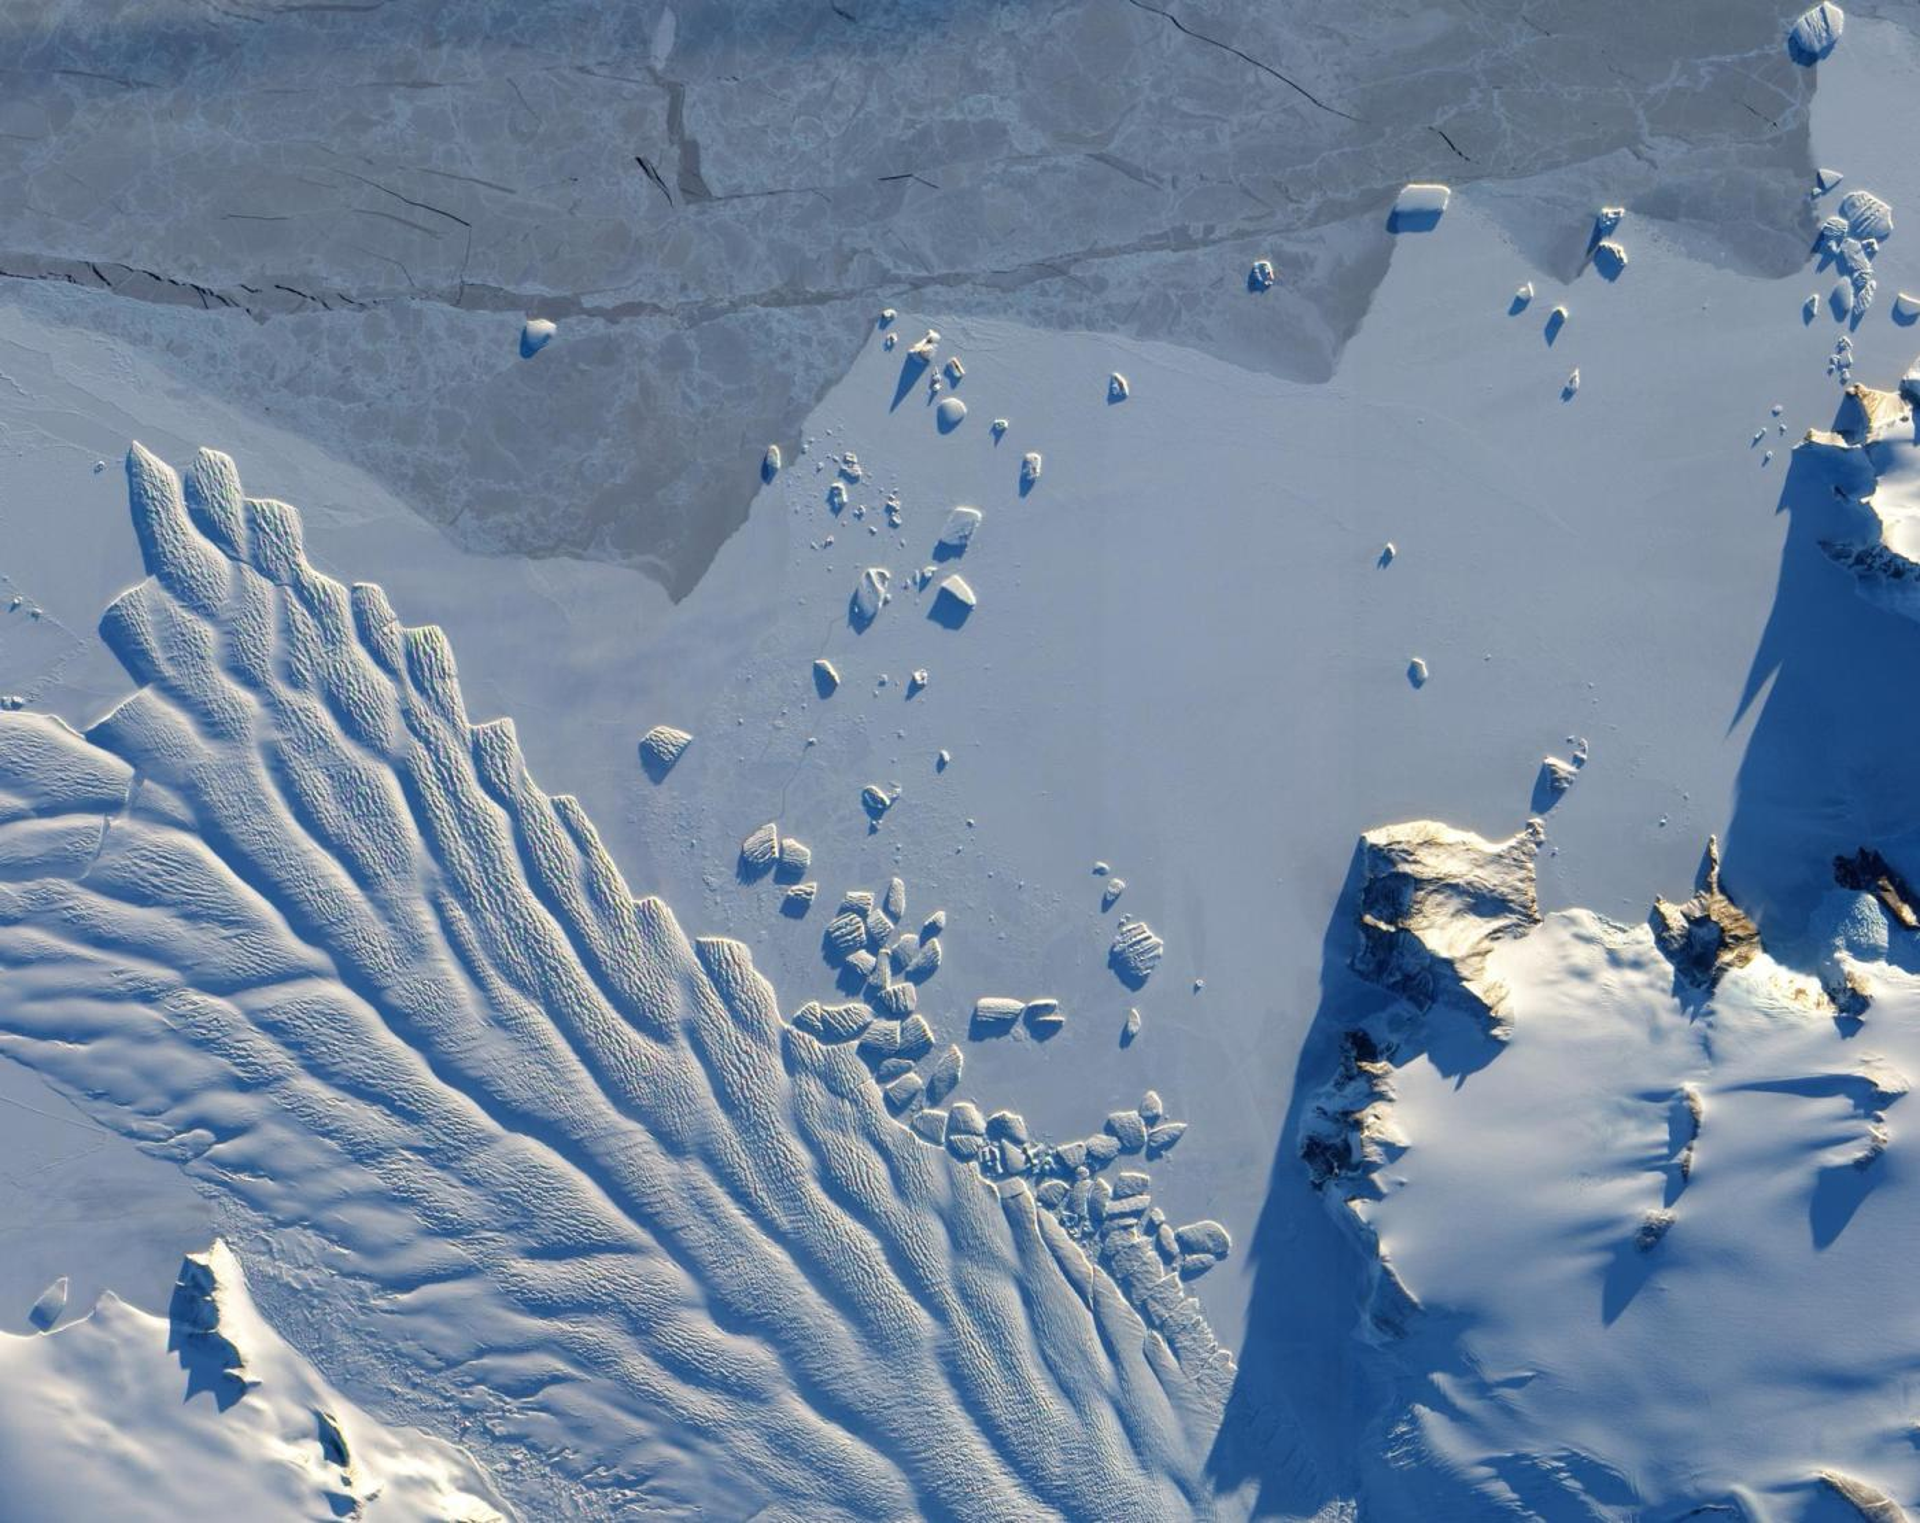 Earth's frozen landscape, seen from space